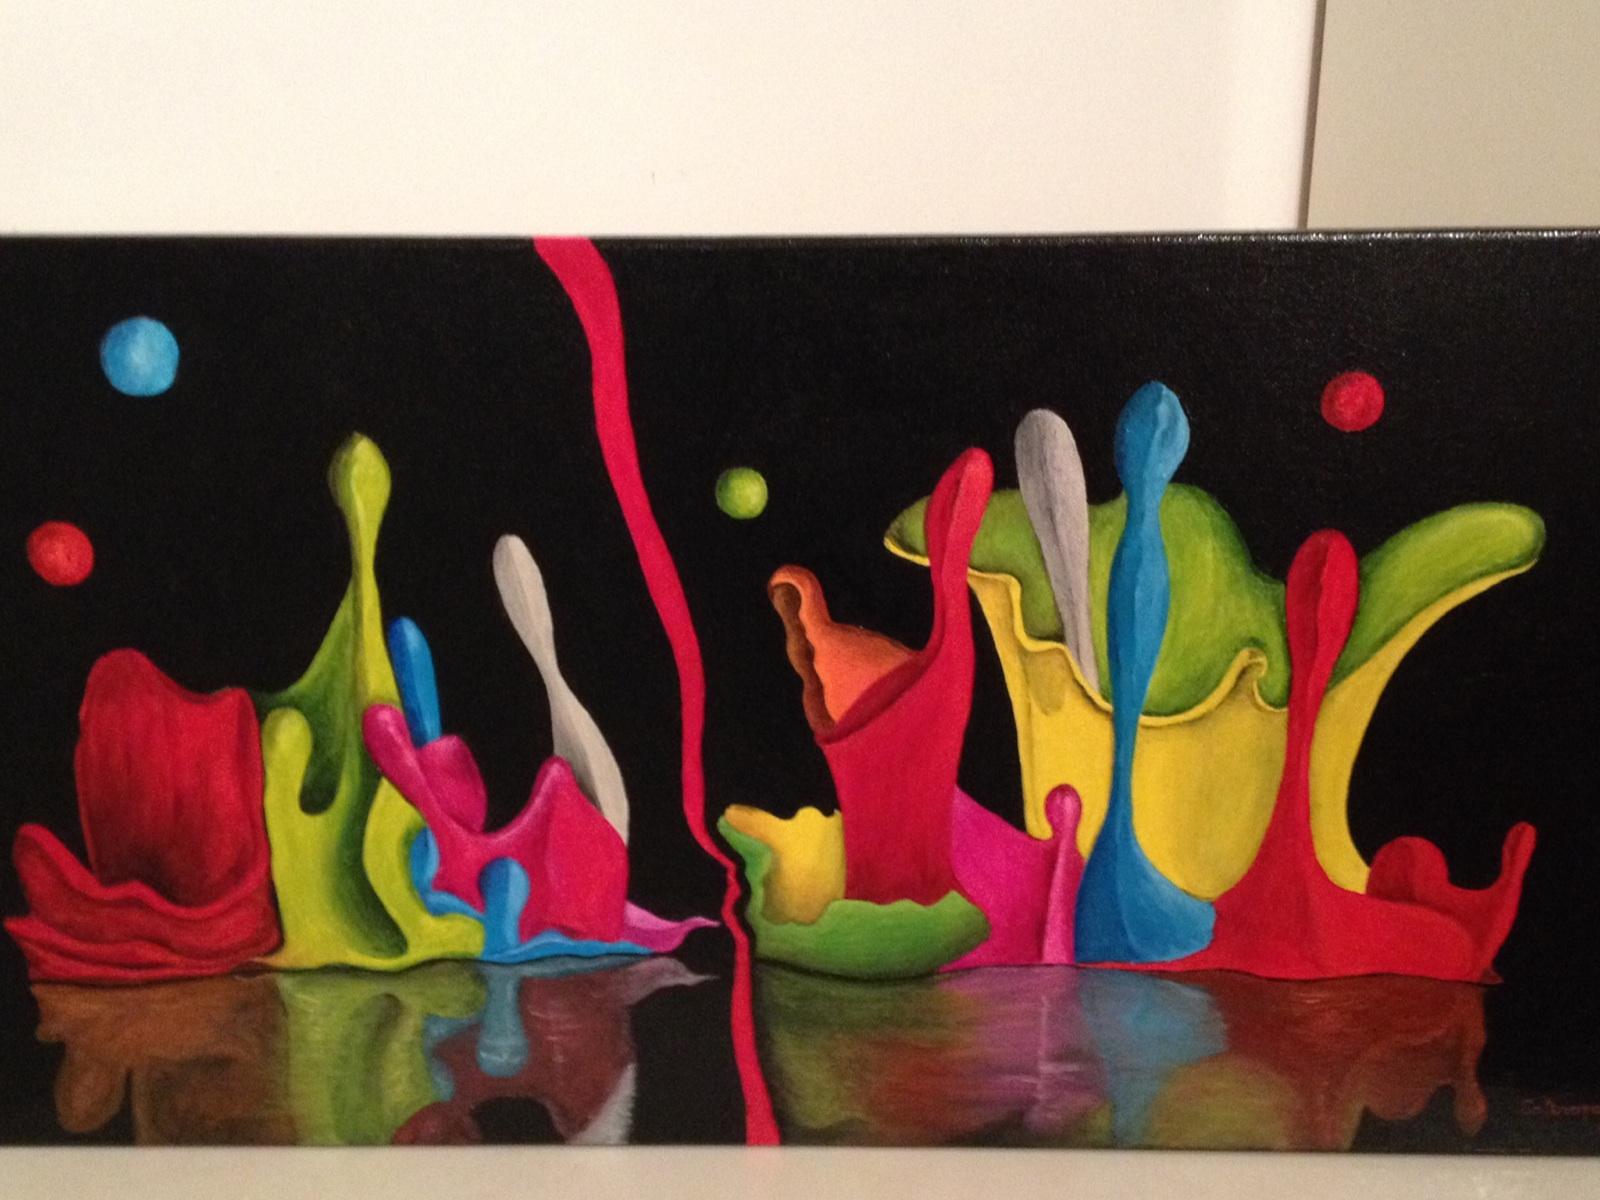 La danse des peinture 2ème version